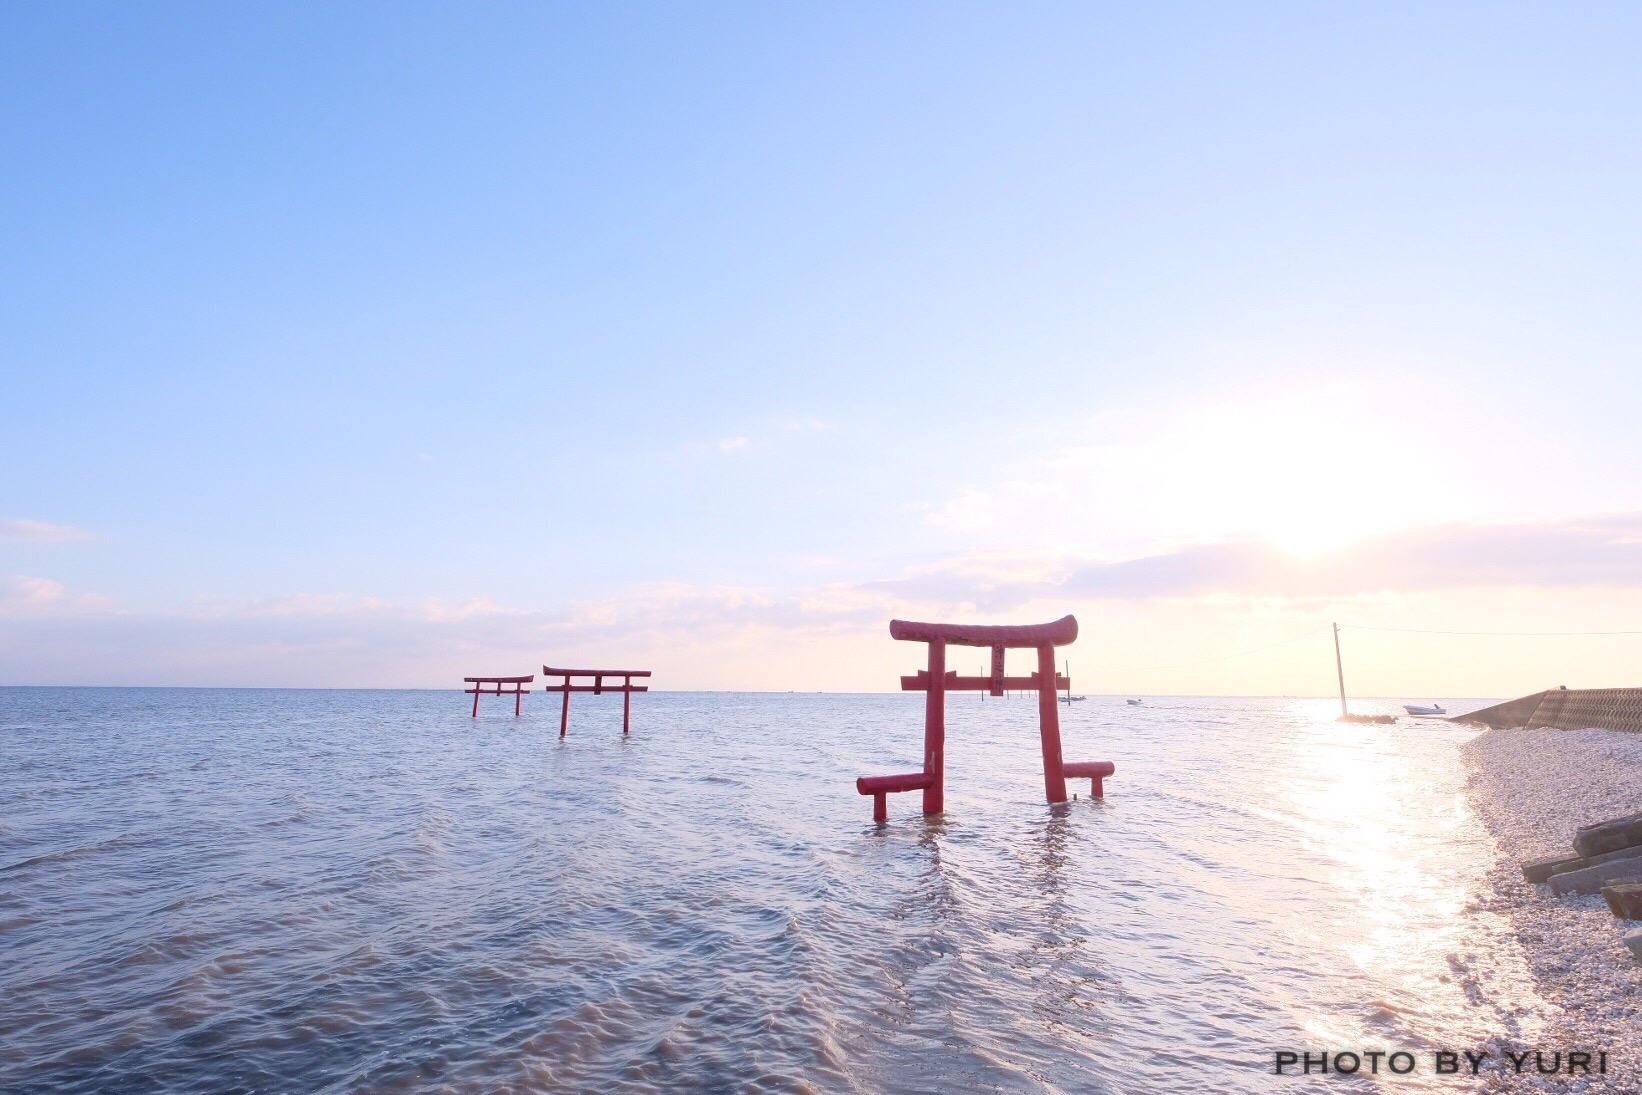 バルーンが飛ばなかった時に!11月上旬 佐賀の写真観光スポットをまとめました